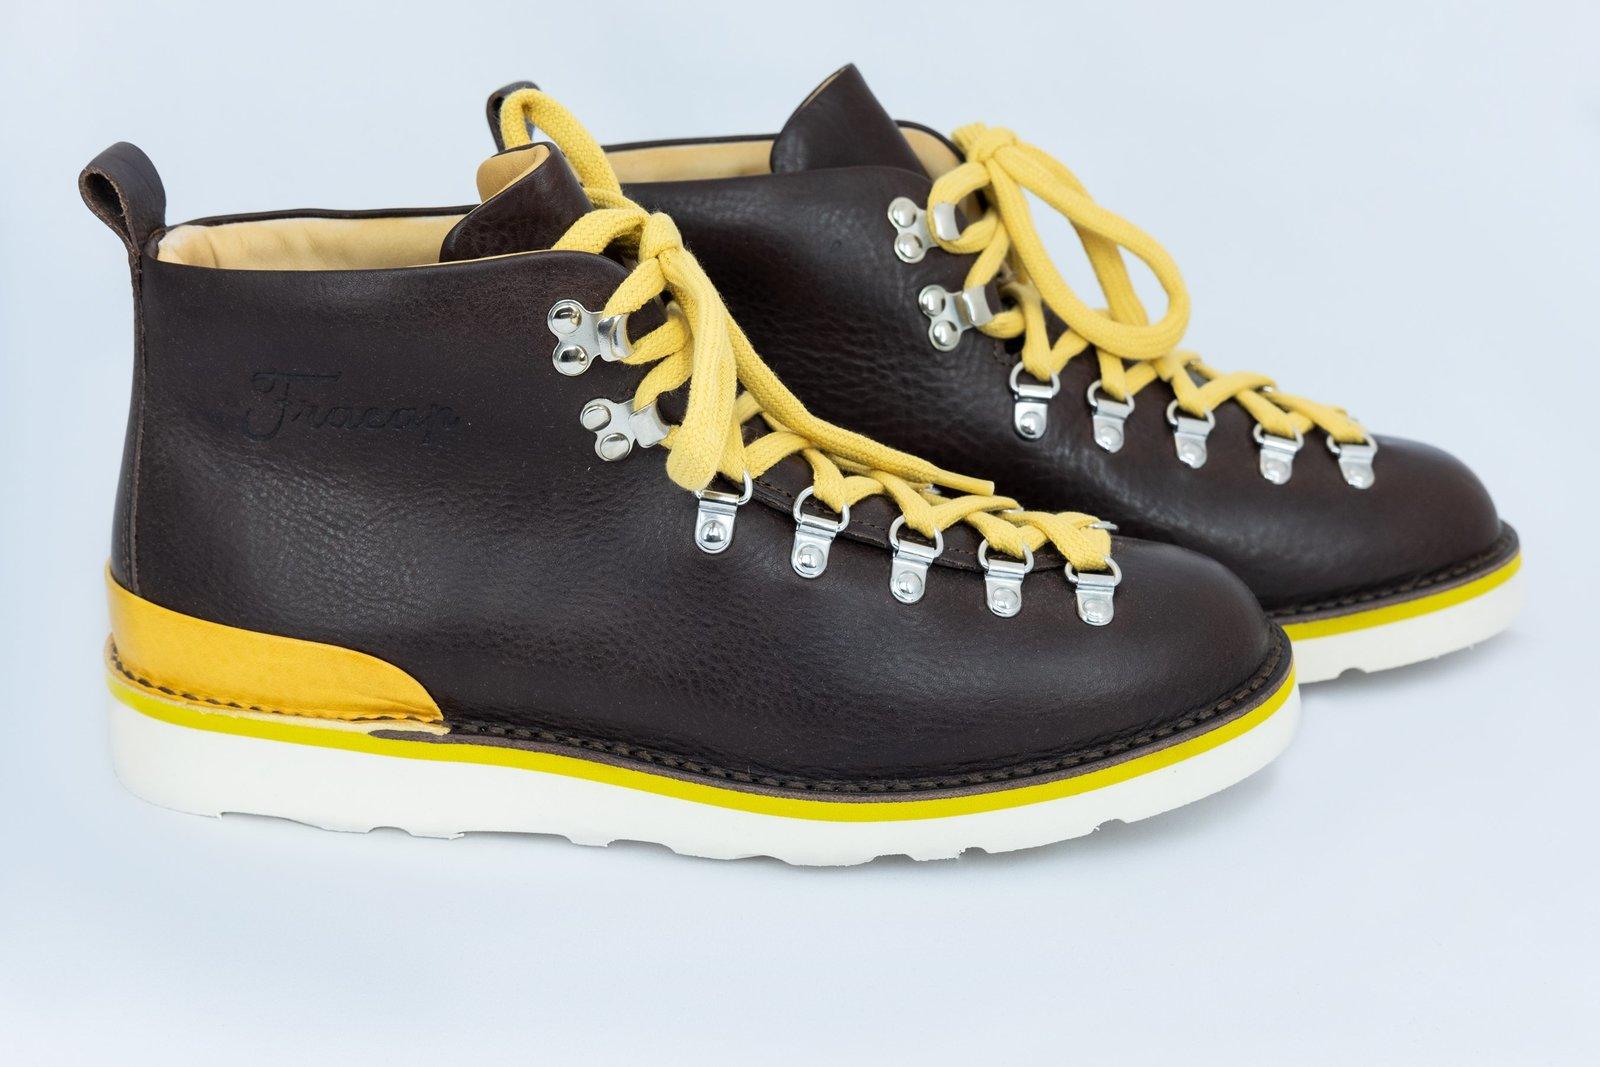 Fracap フラカップ マグニフィコ M120 スポイラーブーツ 靴 シューズ ブラウンレザー イエロースポイラー